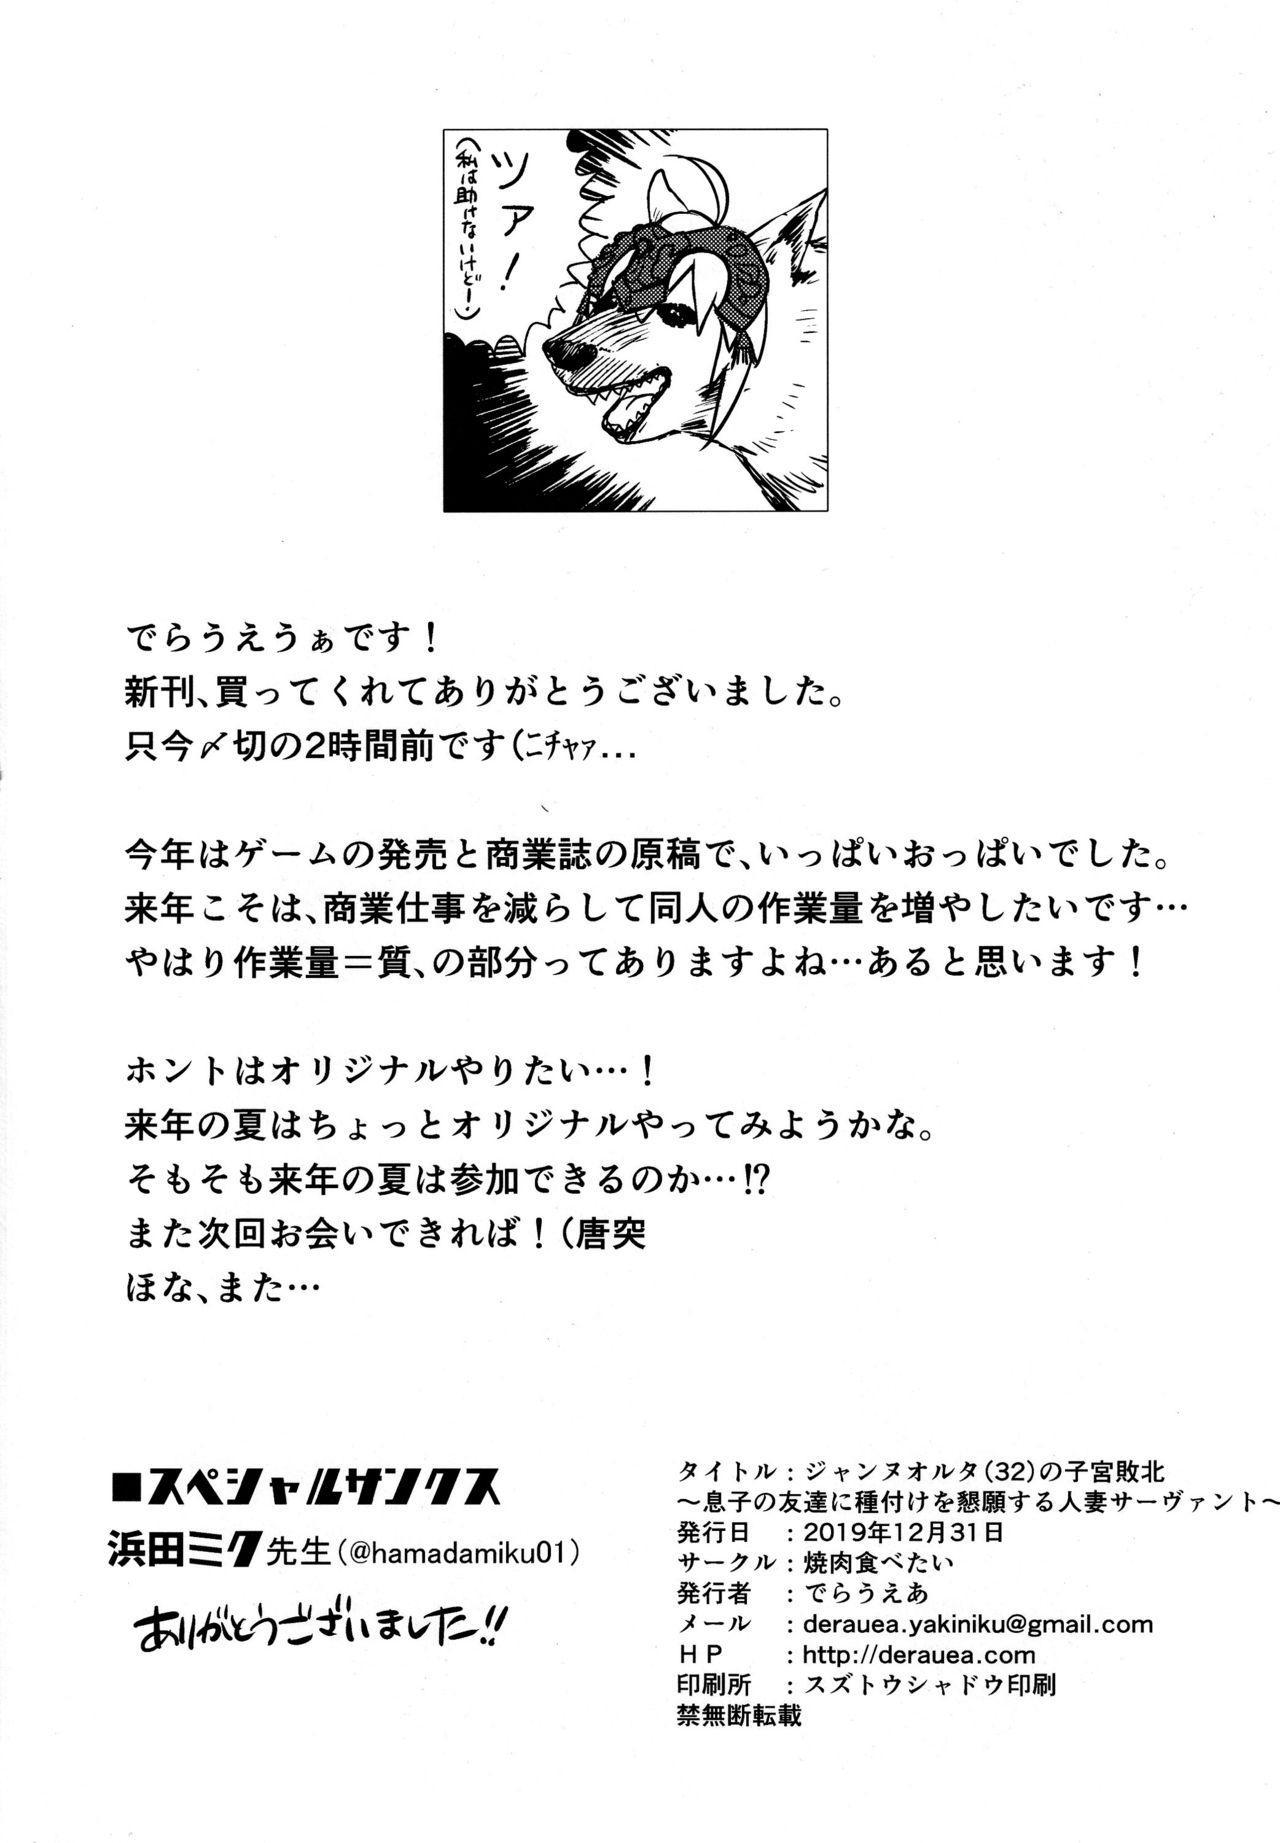 (C97) [Yakiniku Tabetai (Derauea)] Jeanne Alter (32) no Shikyuu Haiboku ~Musuko no Tomodachi ni Tanetsuke o Kongan suru Hitozuma Servant~ (Fate/Grand Order) [English] [Incomplete] 23